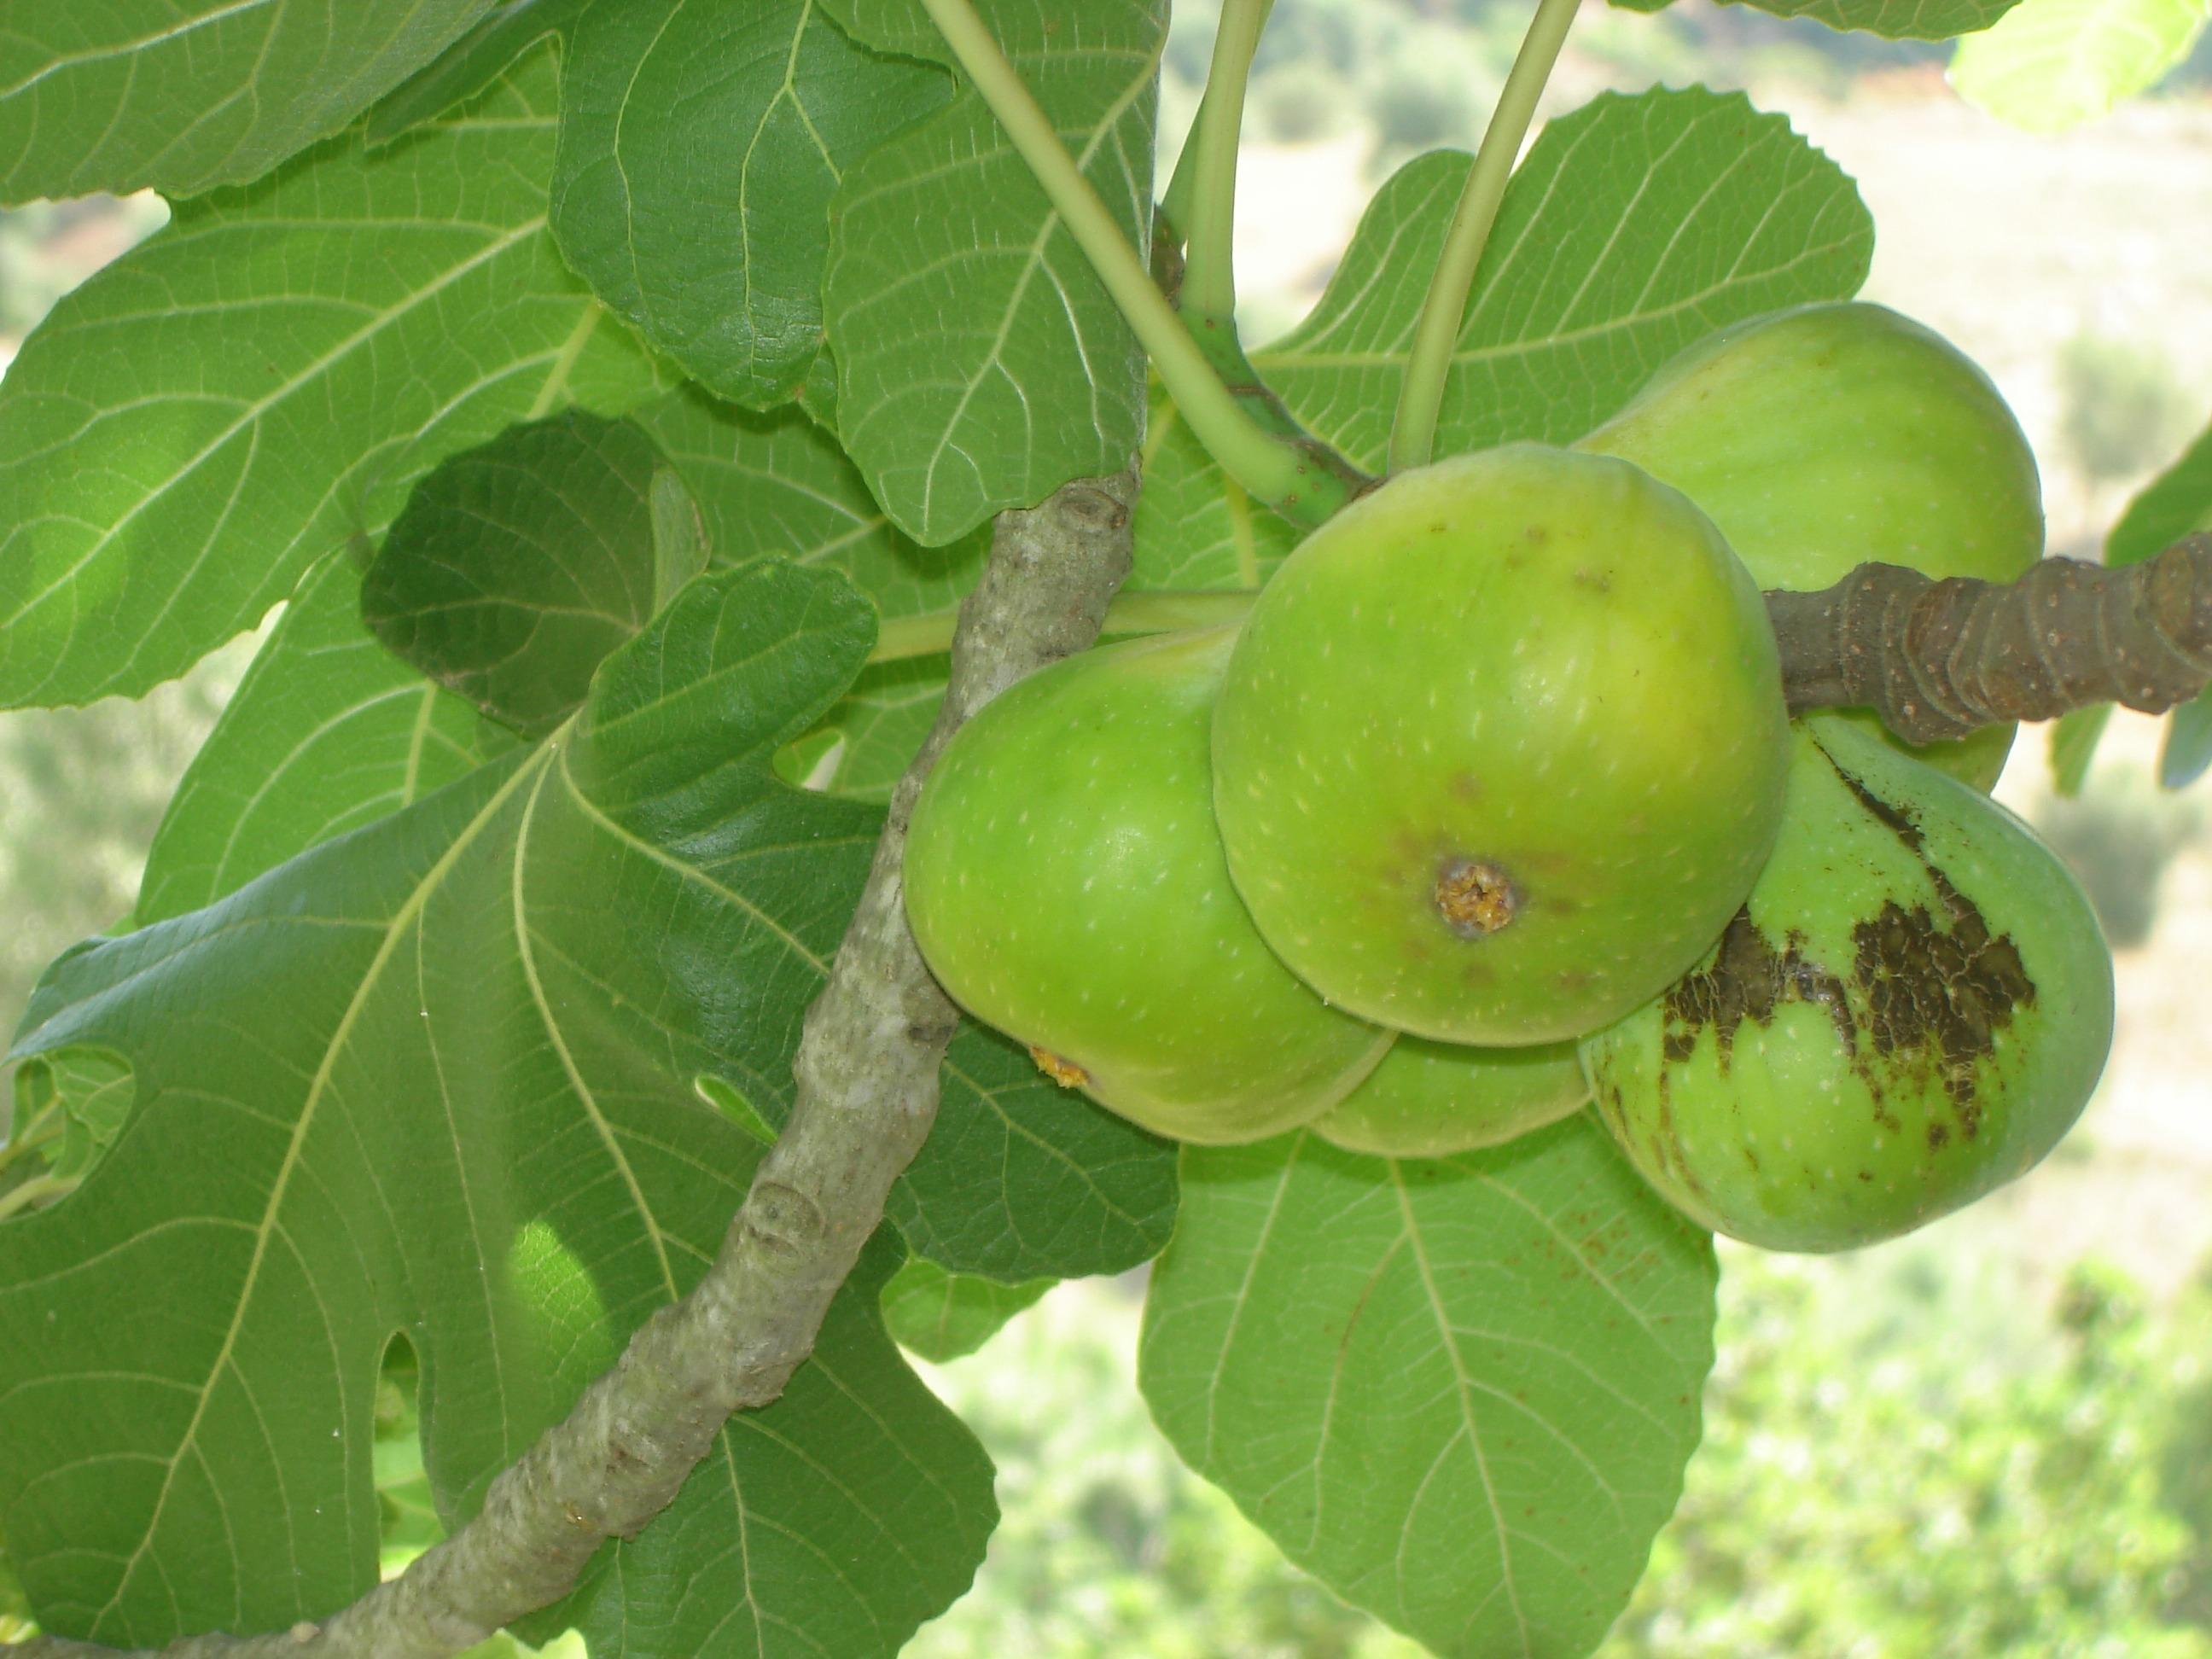 images gratuites : fruit, fleur, aliments, produire, figue, arbuste